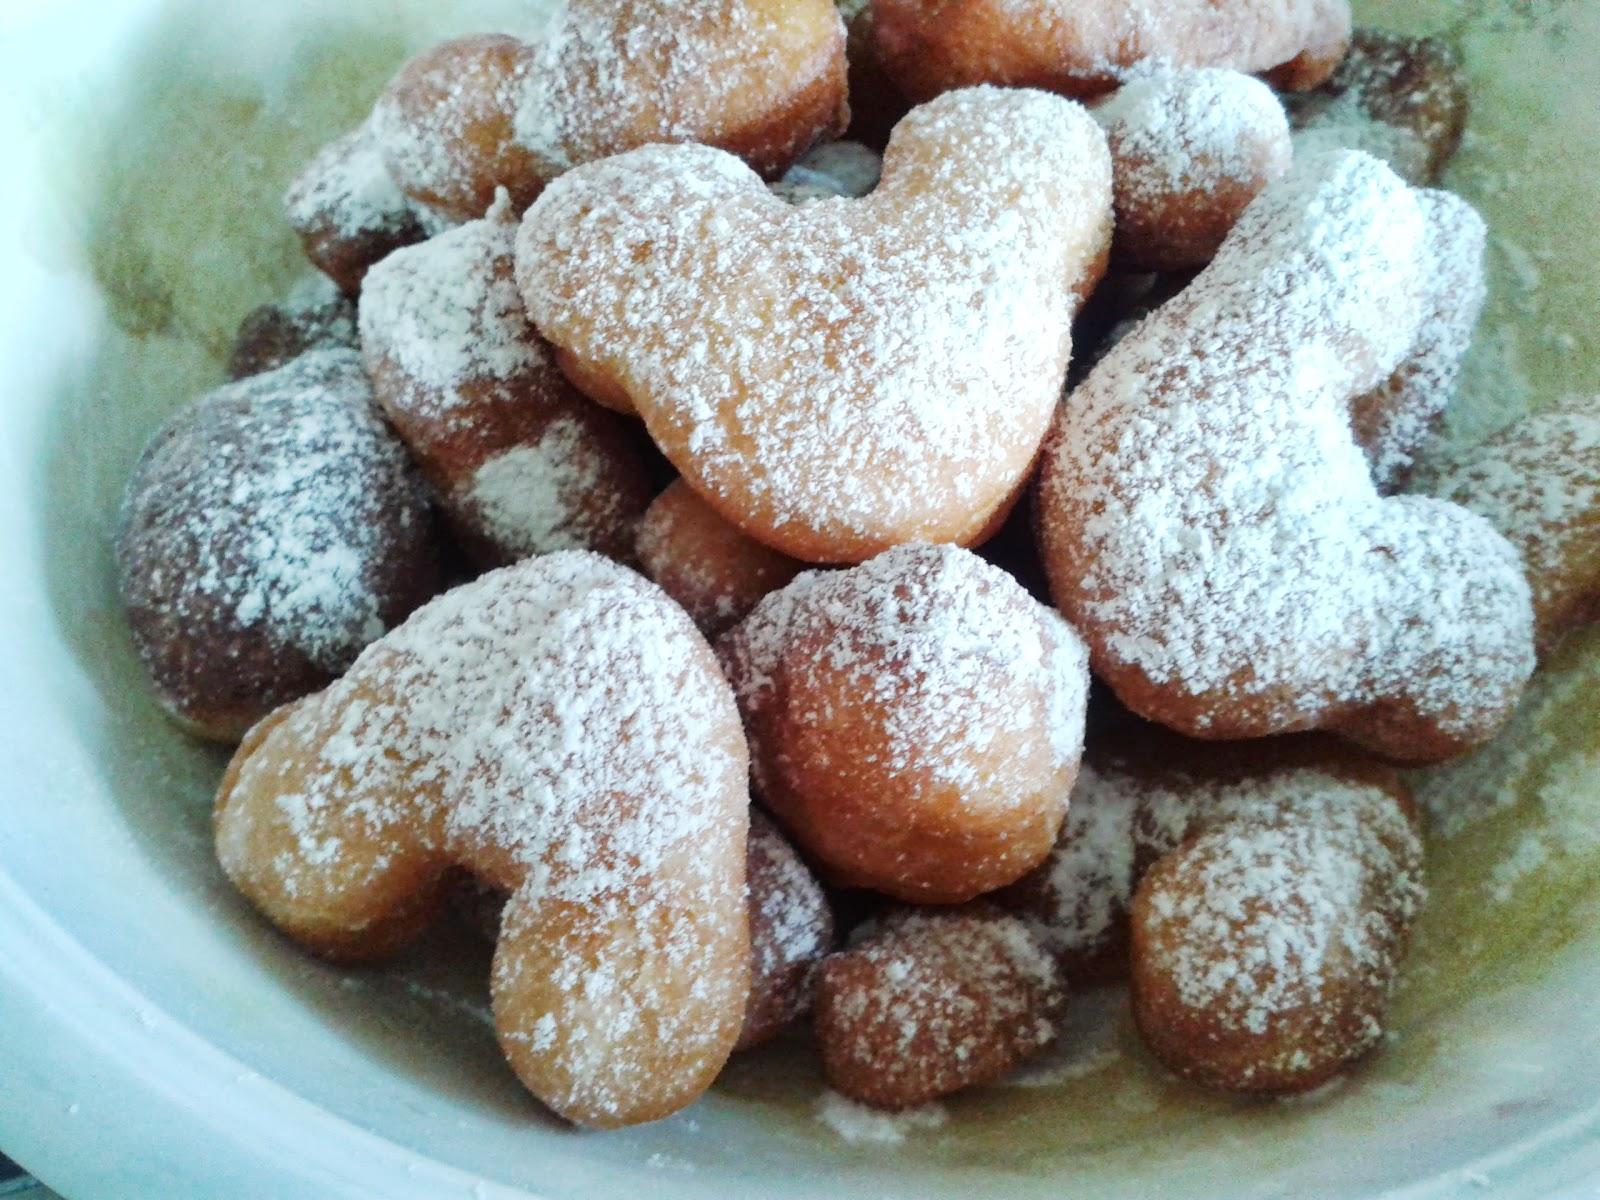 Donut Ni Sy Buat Bentuk Mikey Supaya Dapat Menarik Minat Anak Tok Mkn